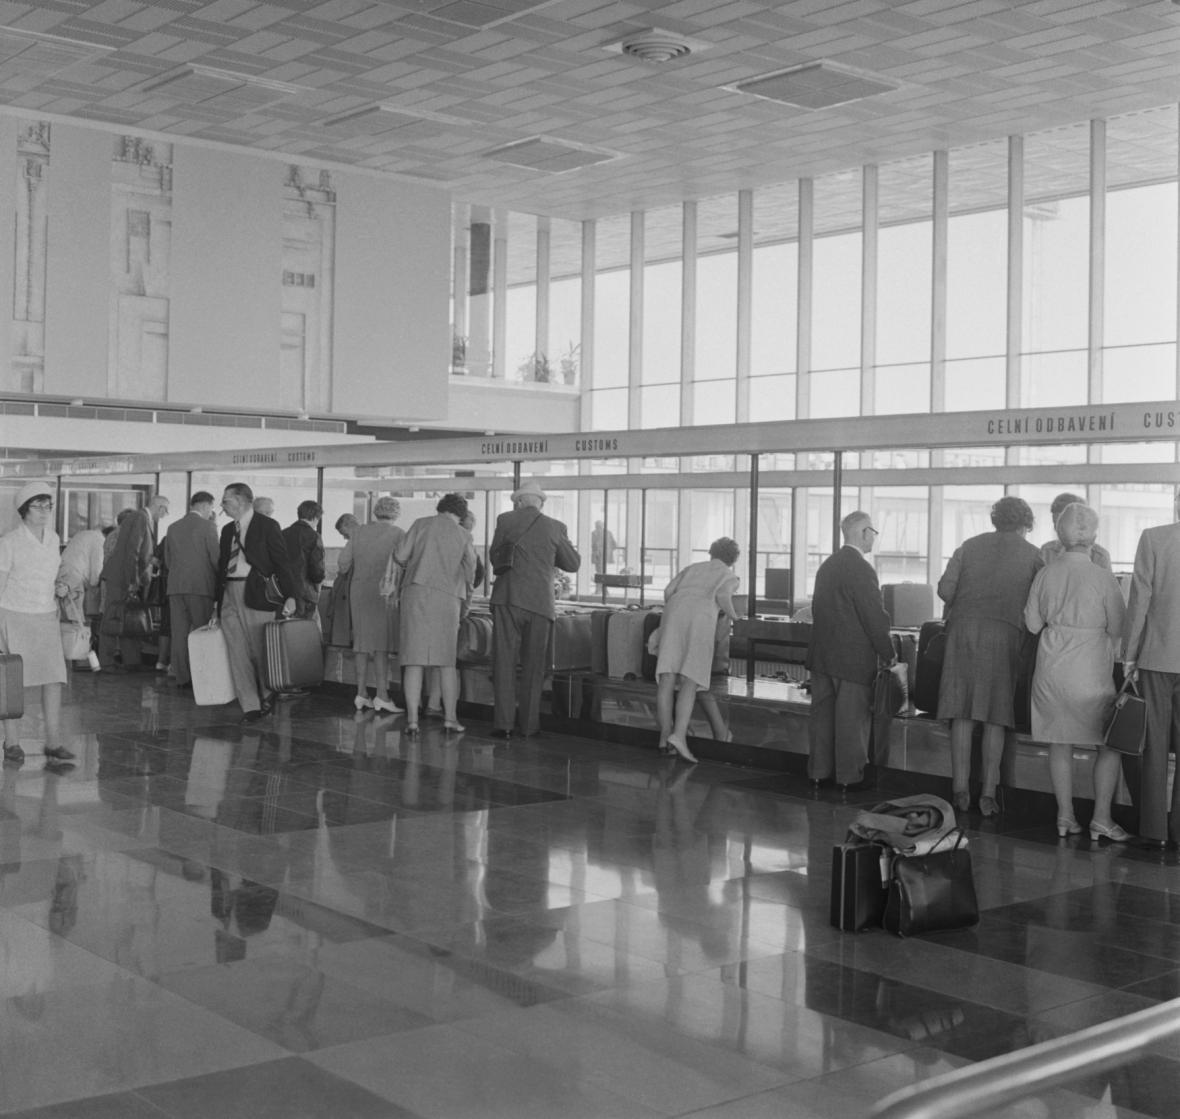 Nové letiště Praha-Ruzyně přivítalo 4. července první cestující. Na snímku záběr z odbavovací haly.